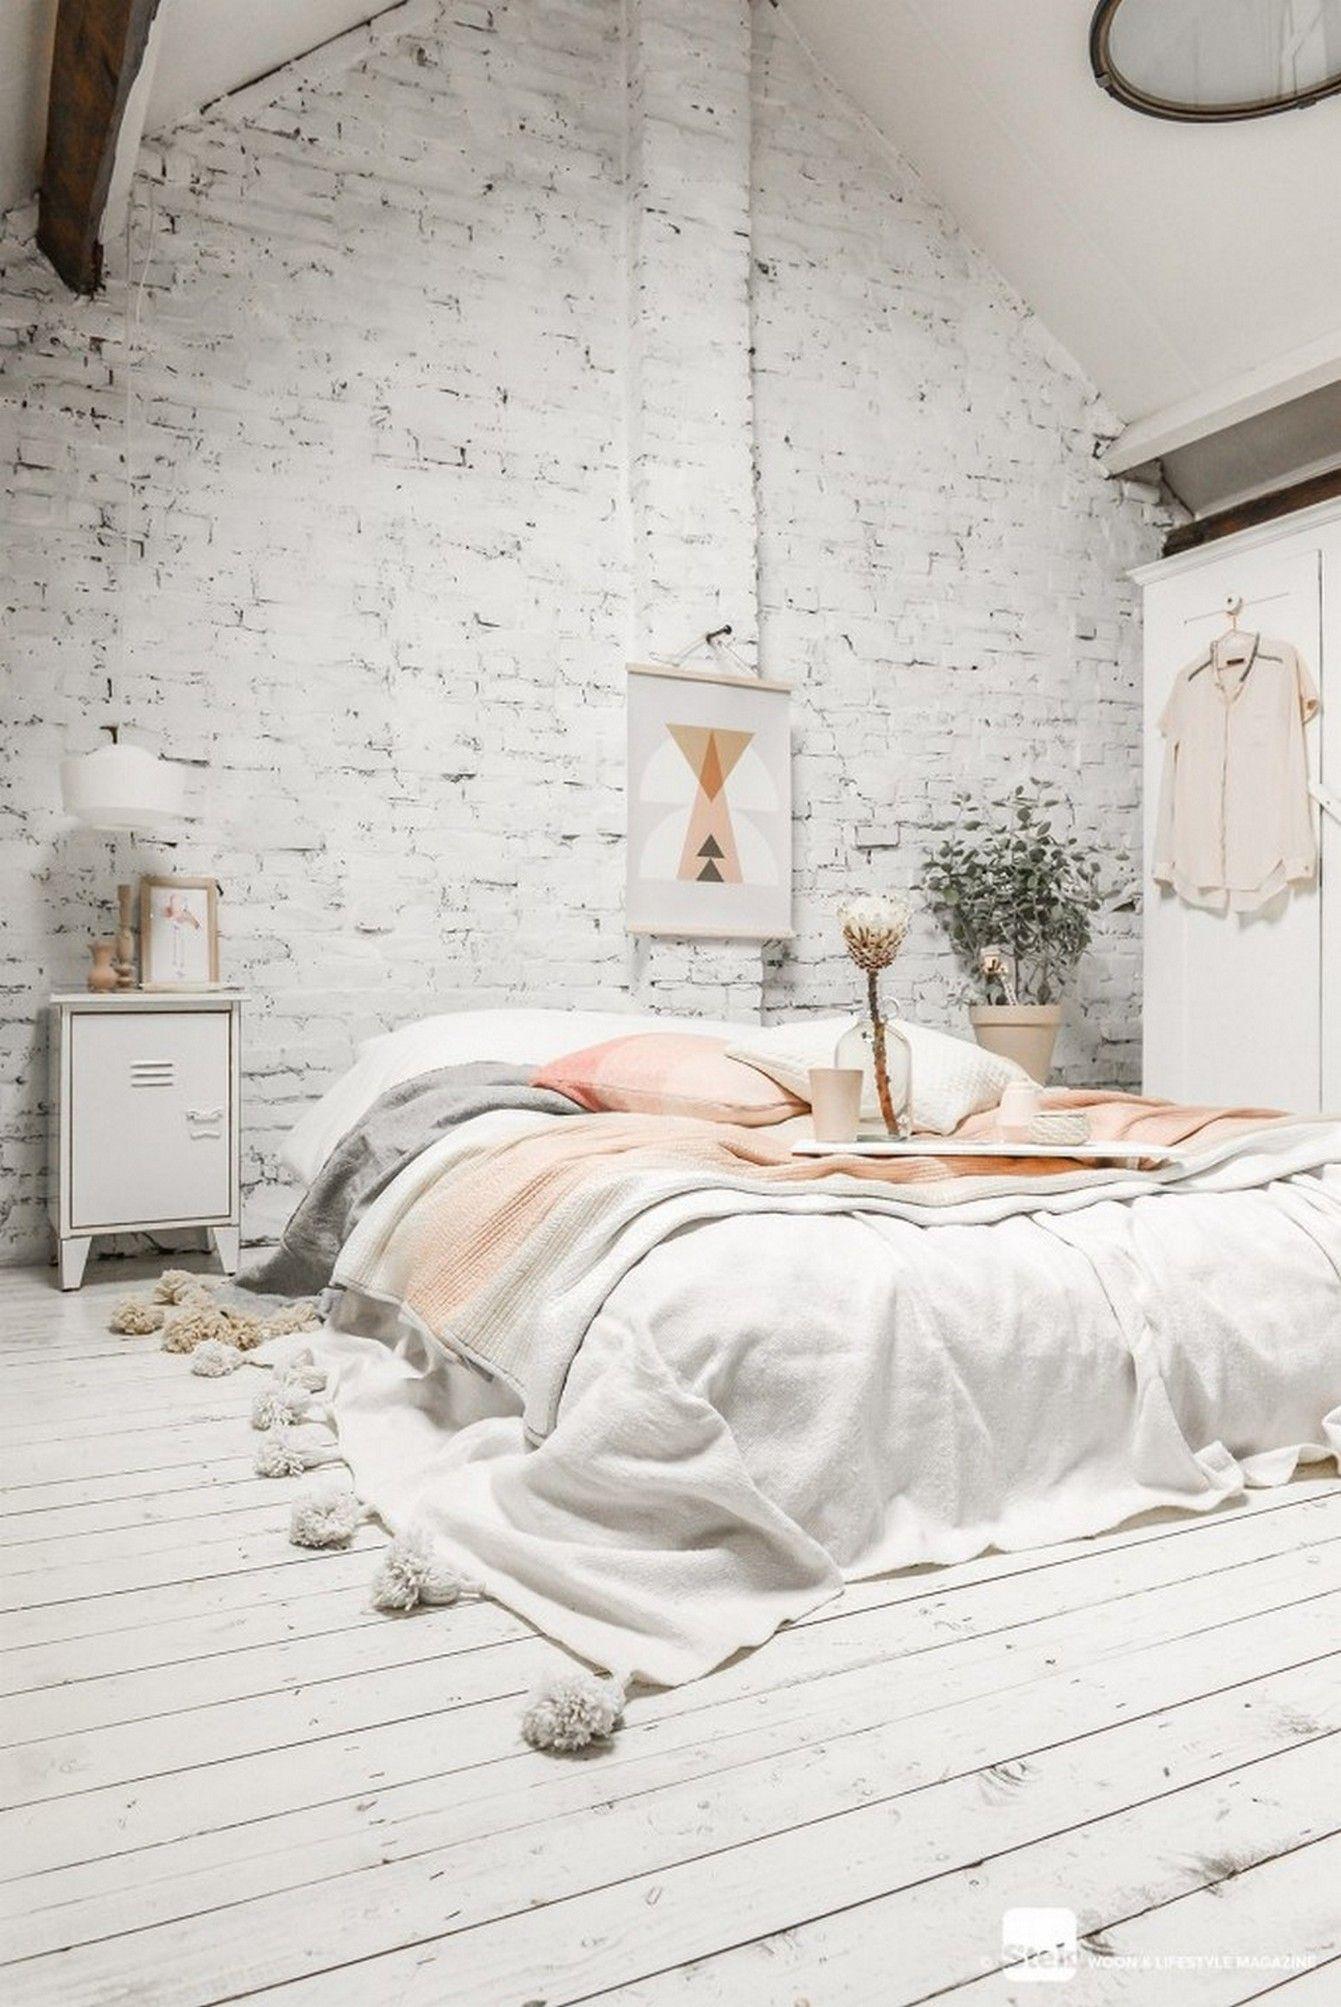 10 First Attic Composition Idea Attic Design Home Decor Bedroom White Room Decor Minimalist Bedroom